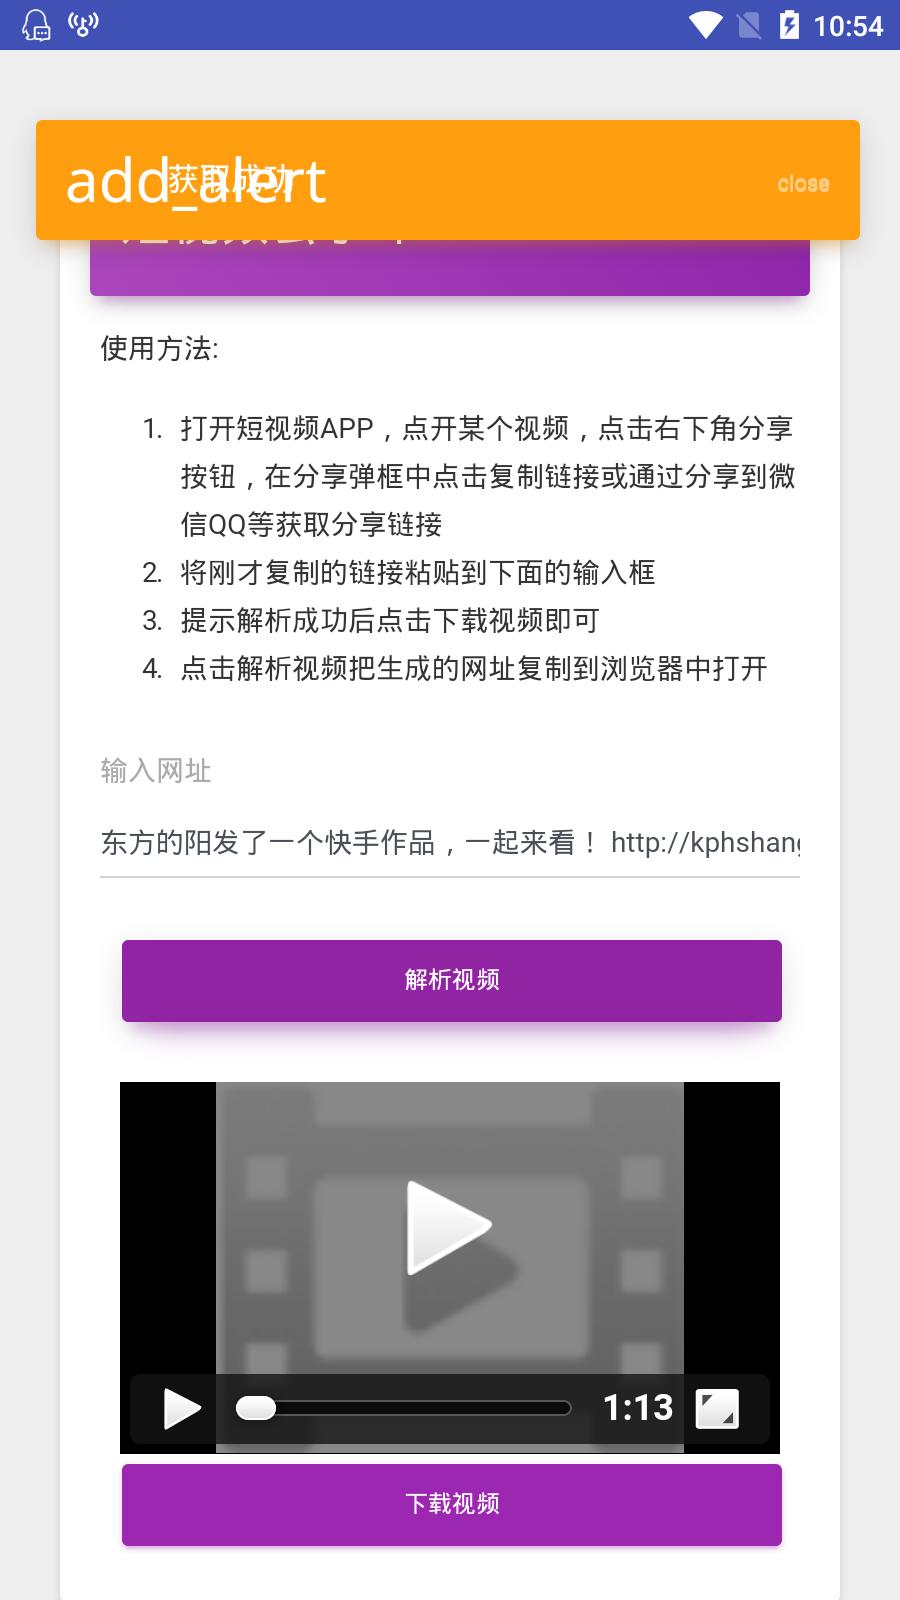 【分享】各大平台短视频去水印工具,支持各大平台网红自媒体必备软件-爱小助